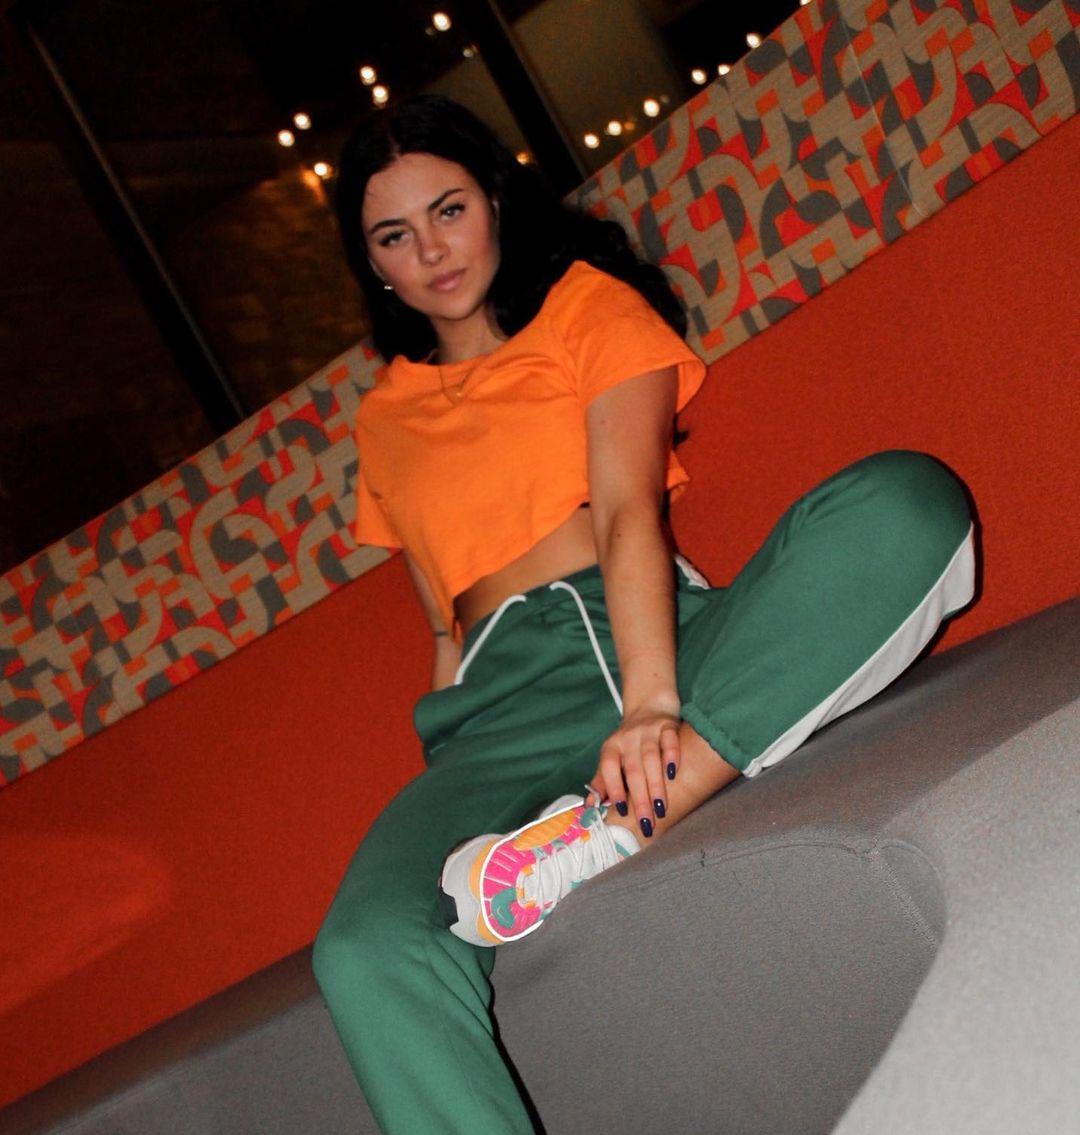 Lauren-Fitzmaurice-Wallpapers-Insta-Fit-Bio-6